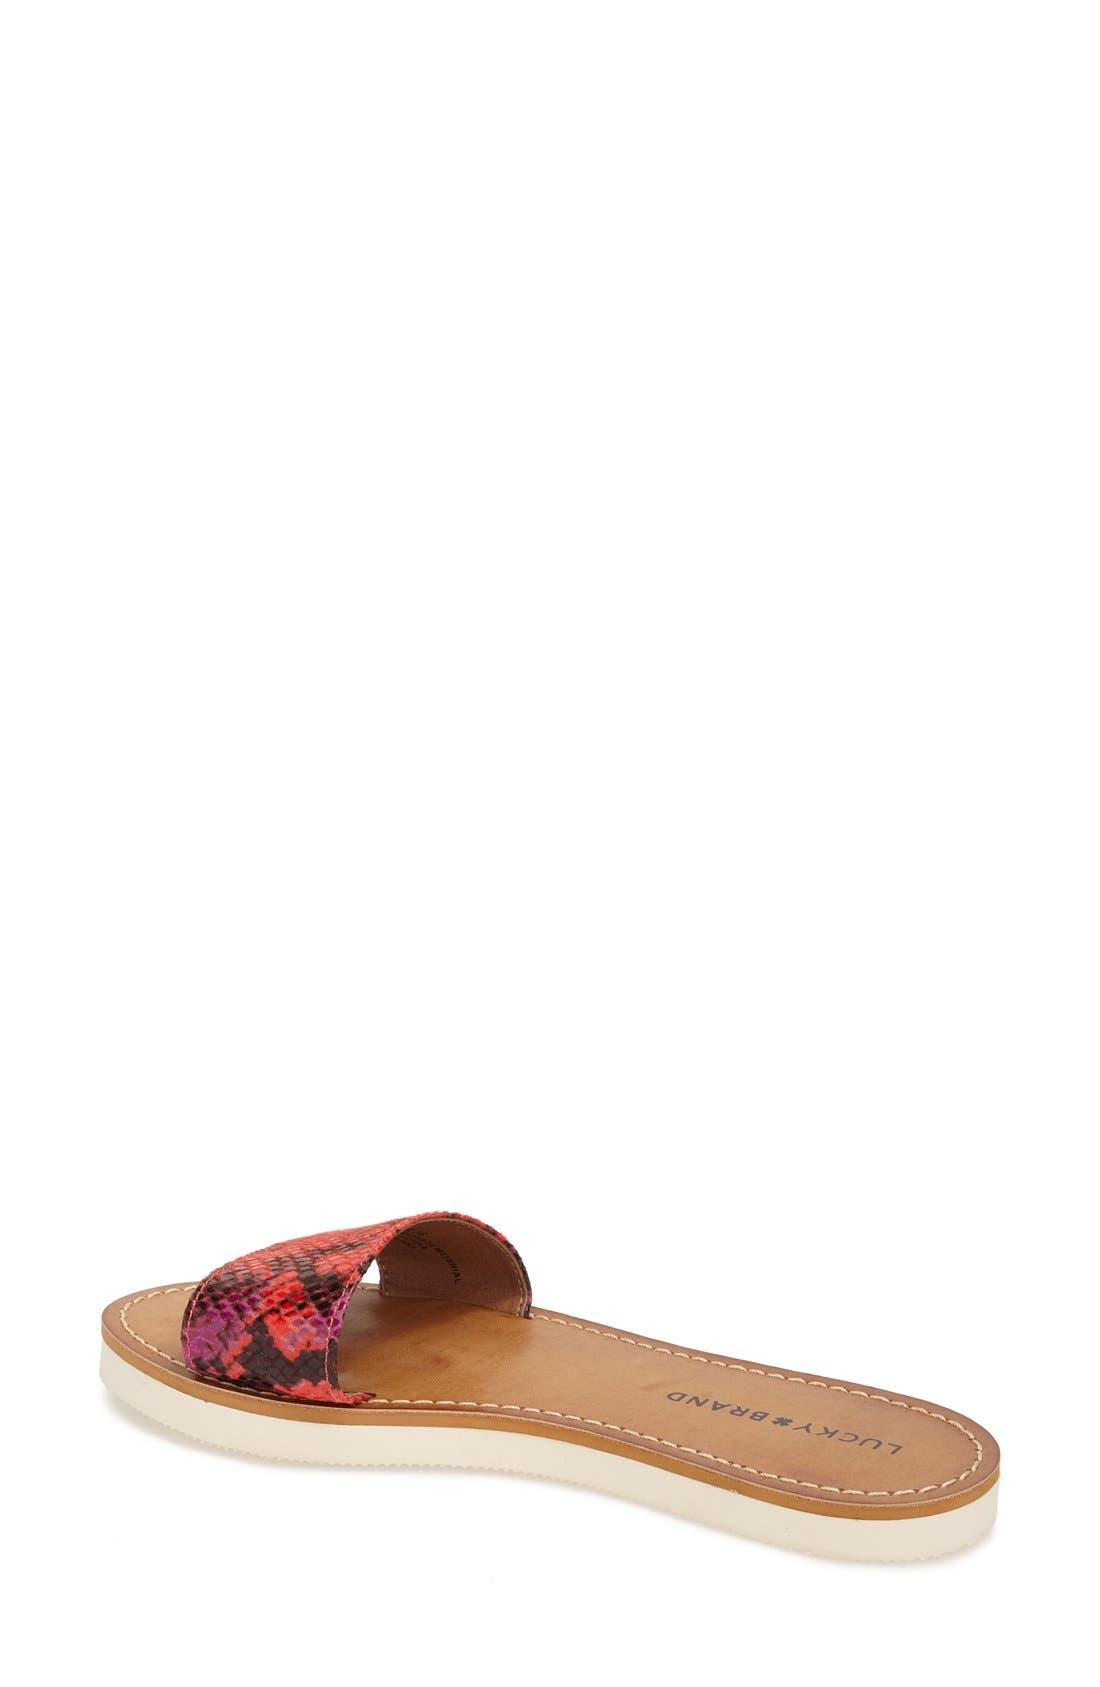 Alternate Image 2  - Lucky Brand 'Deldonna' Slide Sandal (Women)